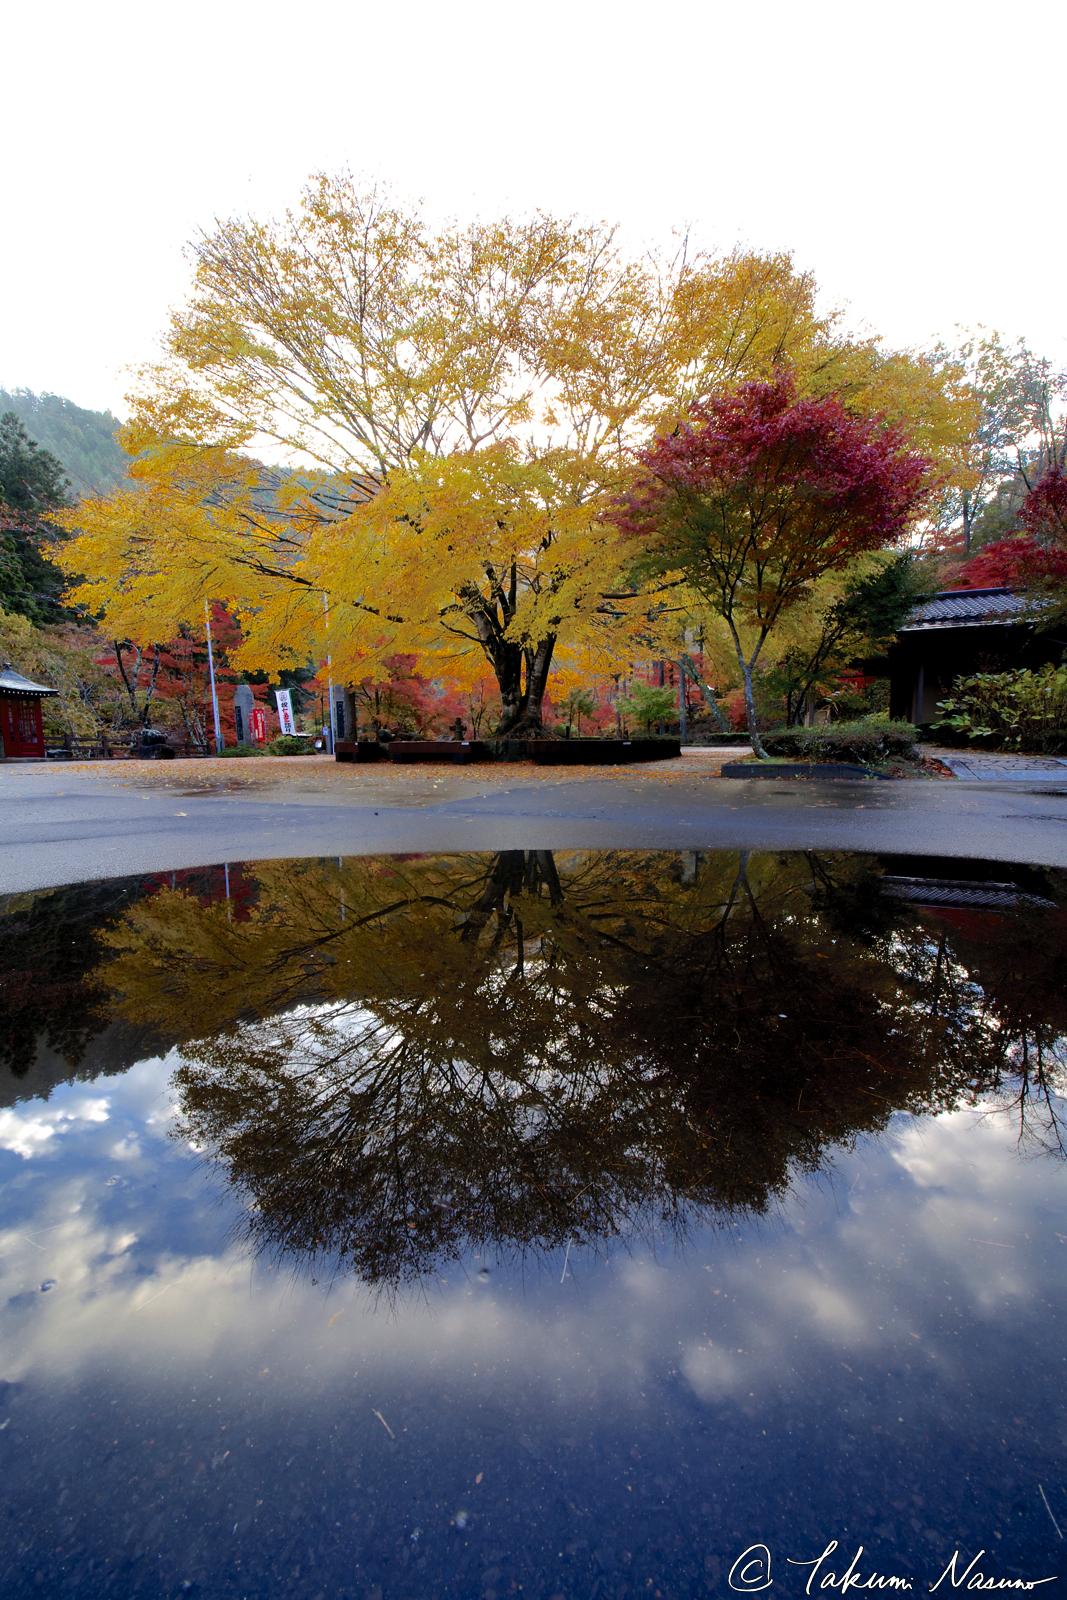 keyaki-reflection-of-yamamoto-fudouson-temple